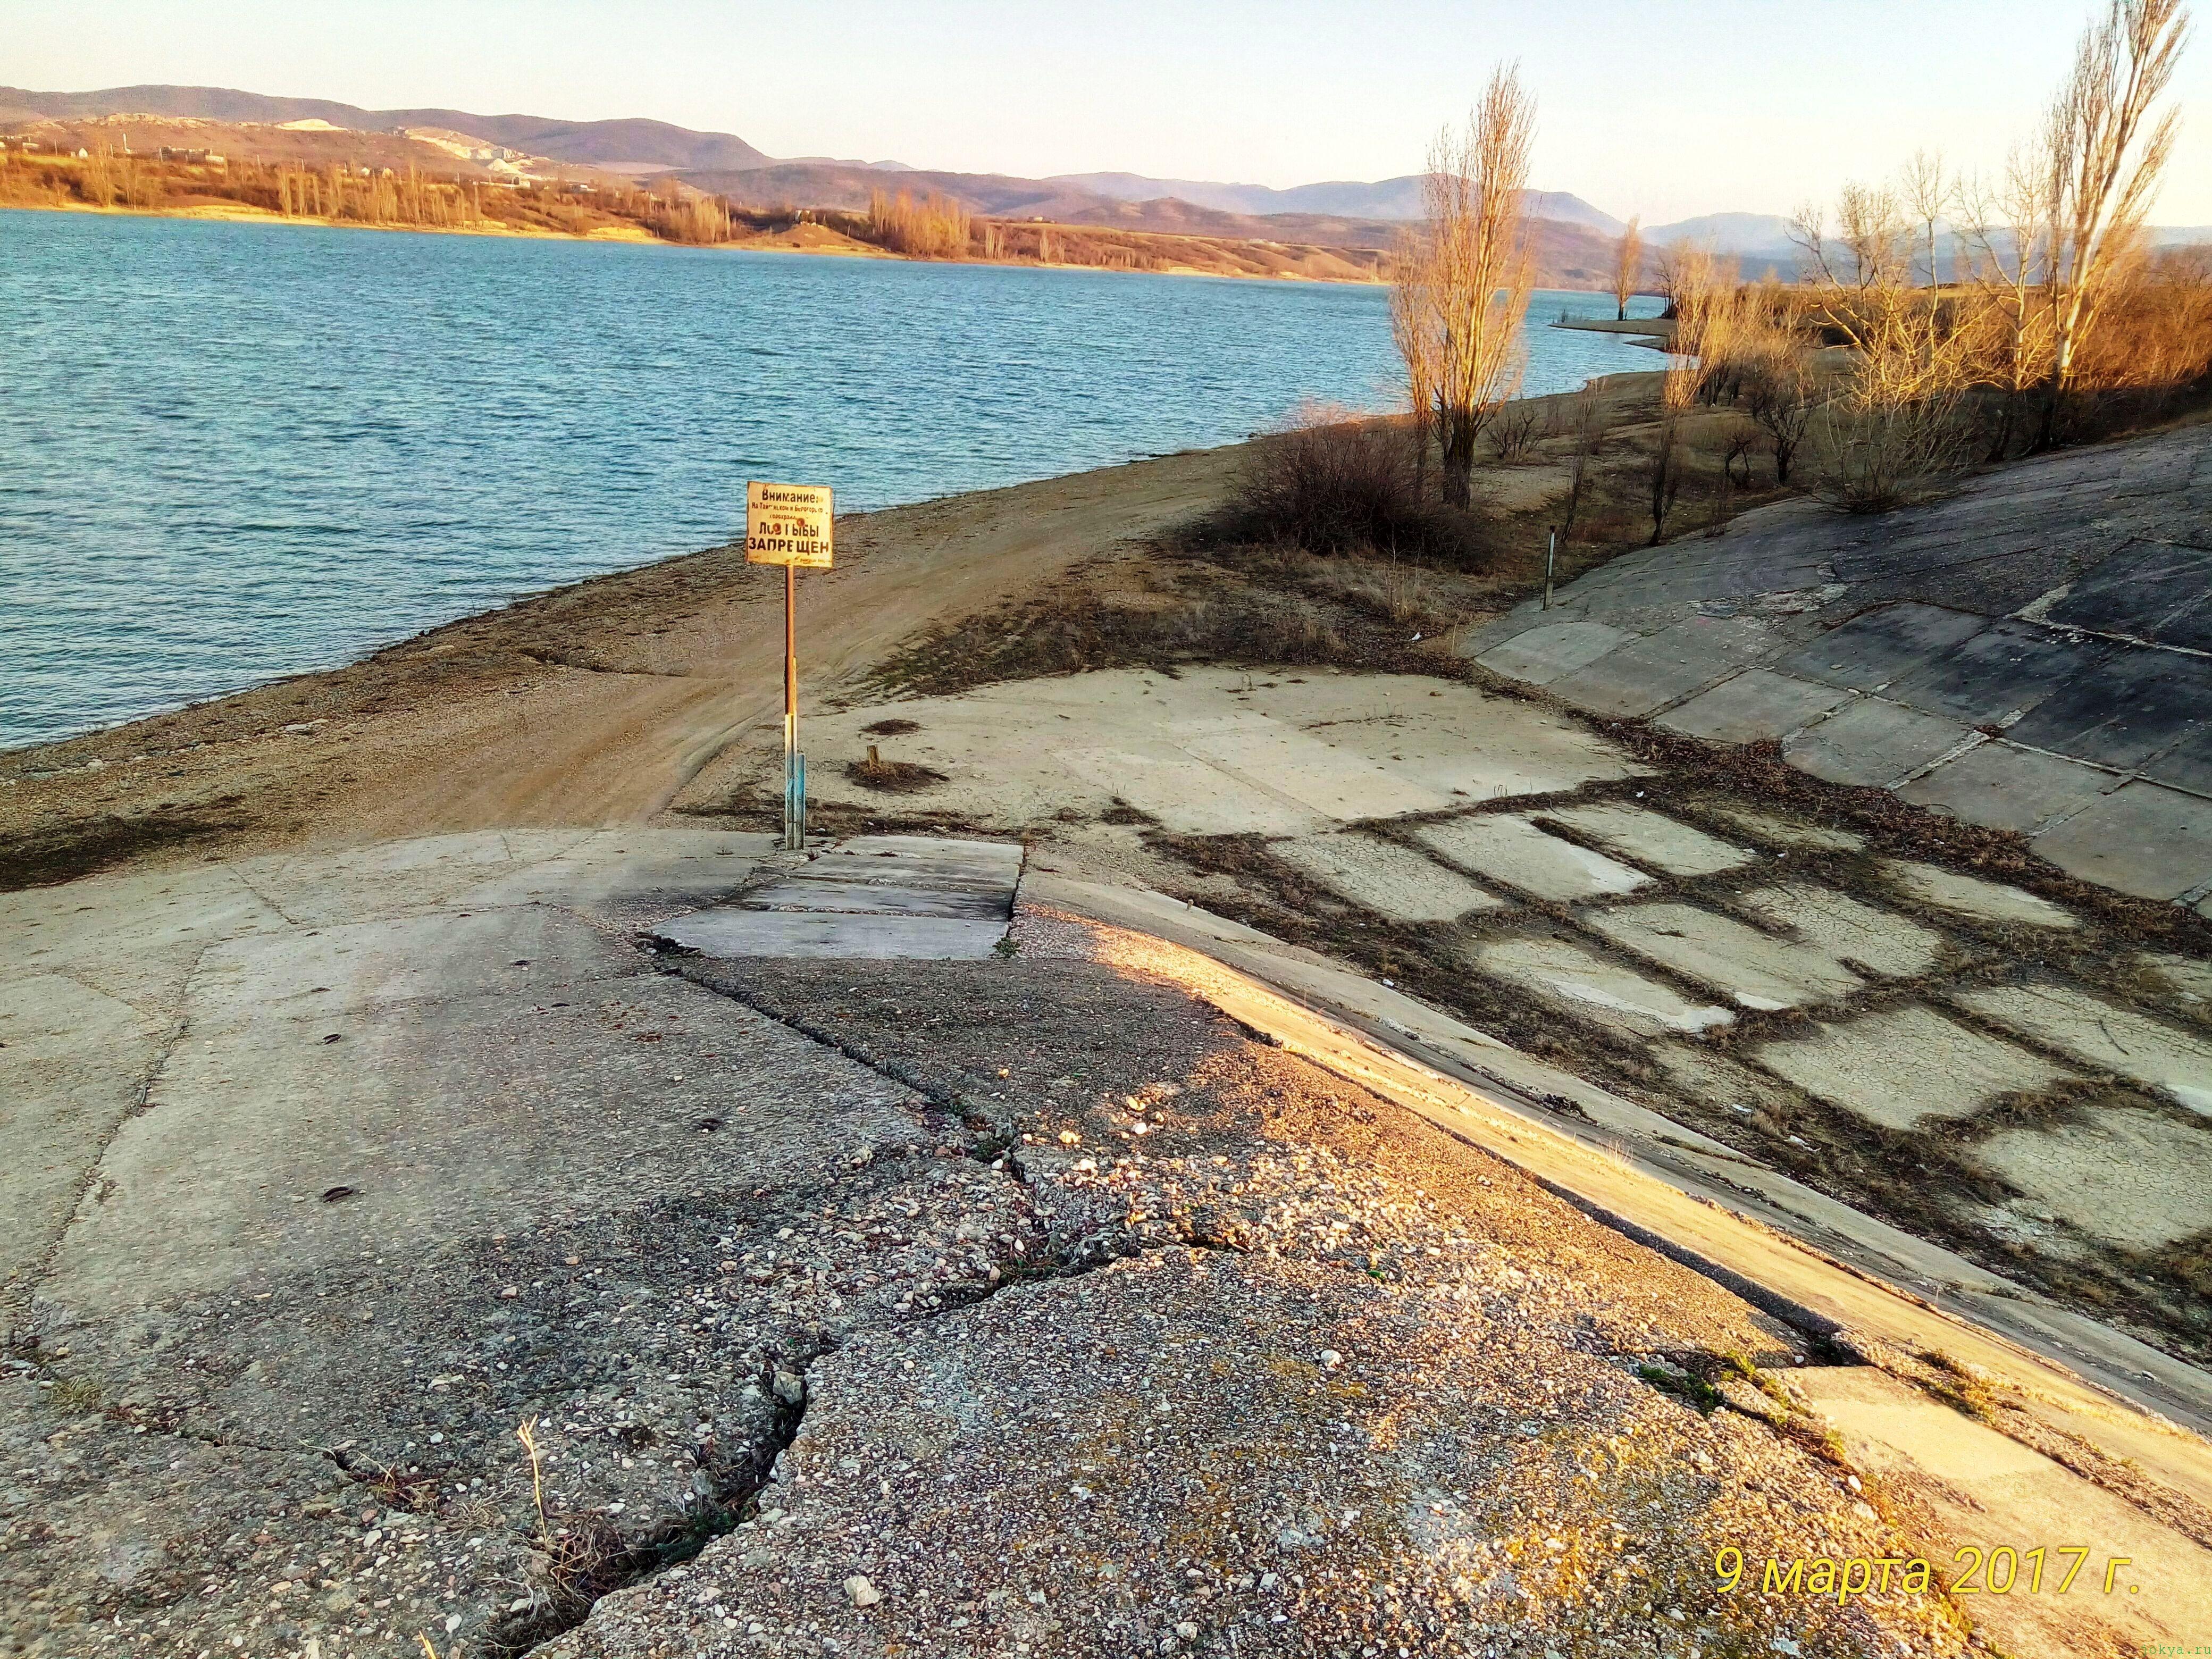 Белогорское водохранилище фото заметка о моей реальности в Крыму jokya.ru